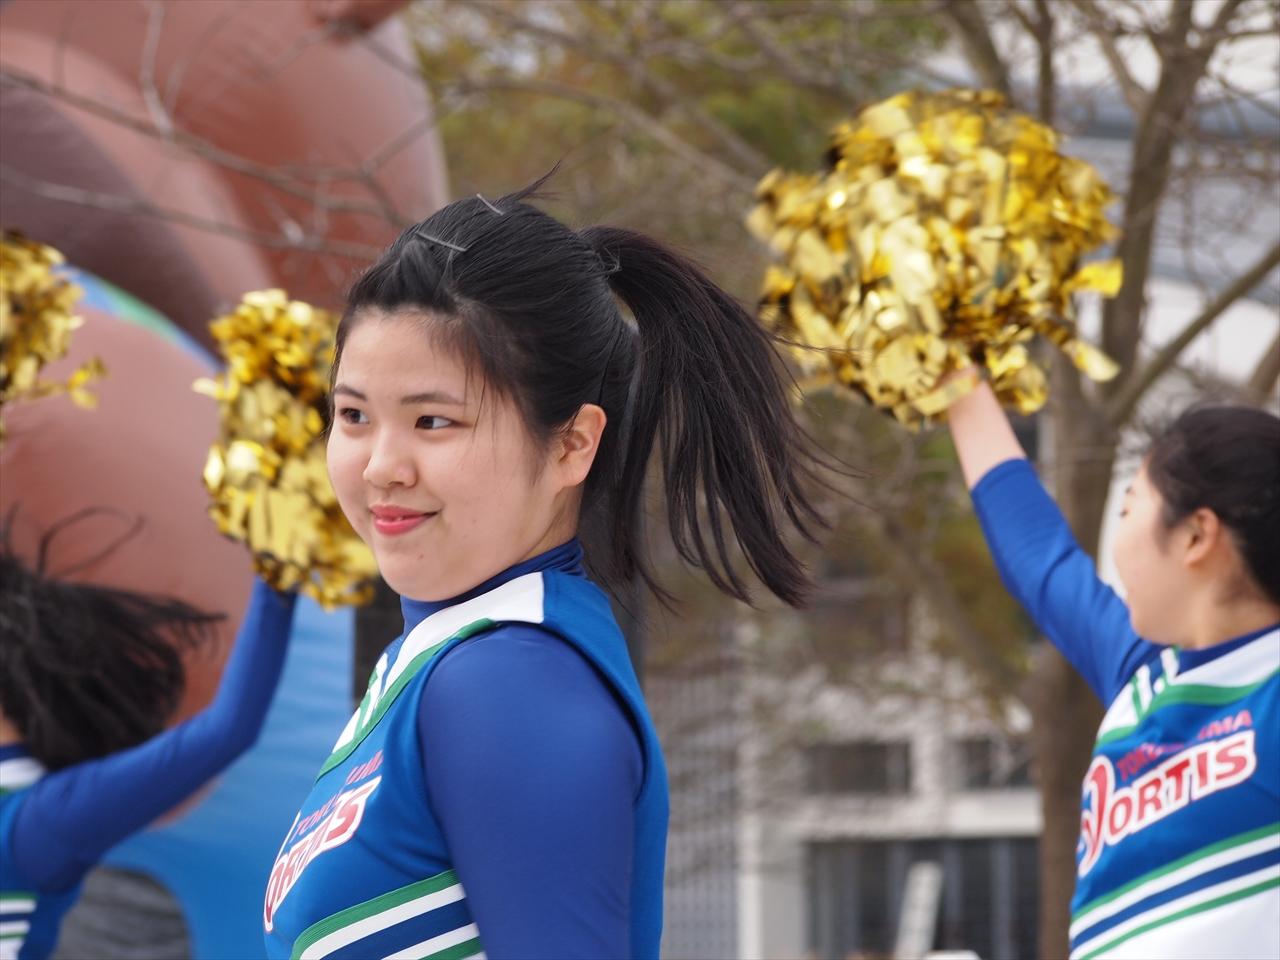 徳島ヴォルティスvsアルビレックス新潟 現地観戦レポート BLUE SPIRIT(ブルー・スピリット)